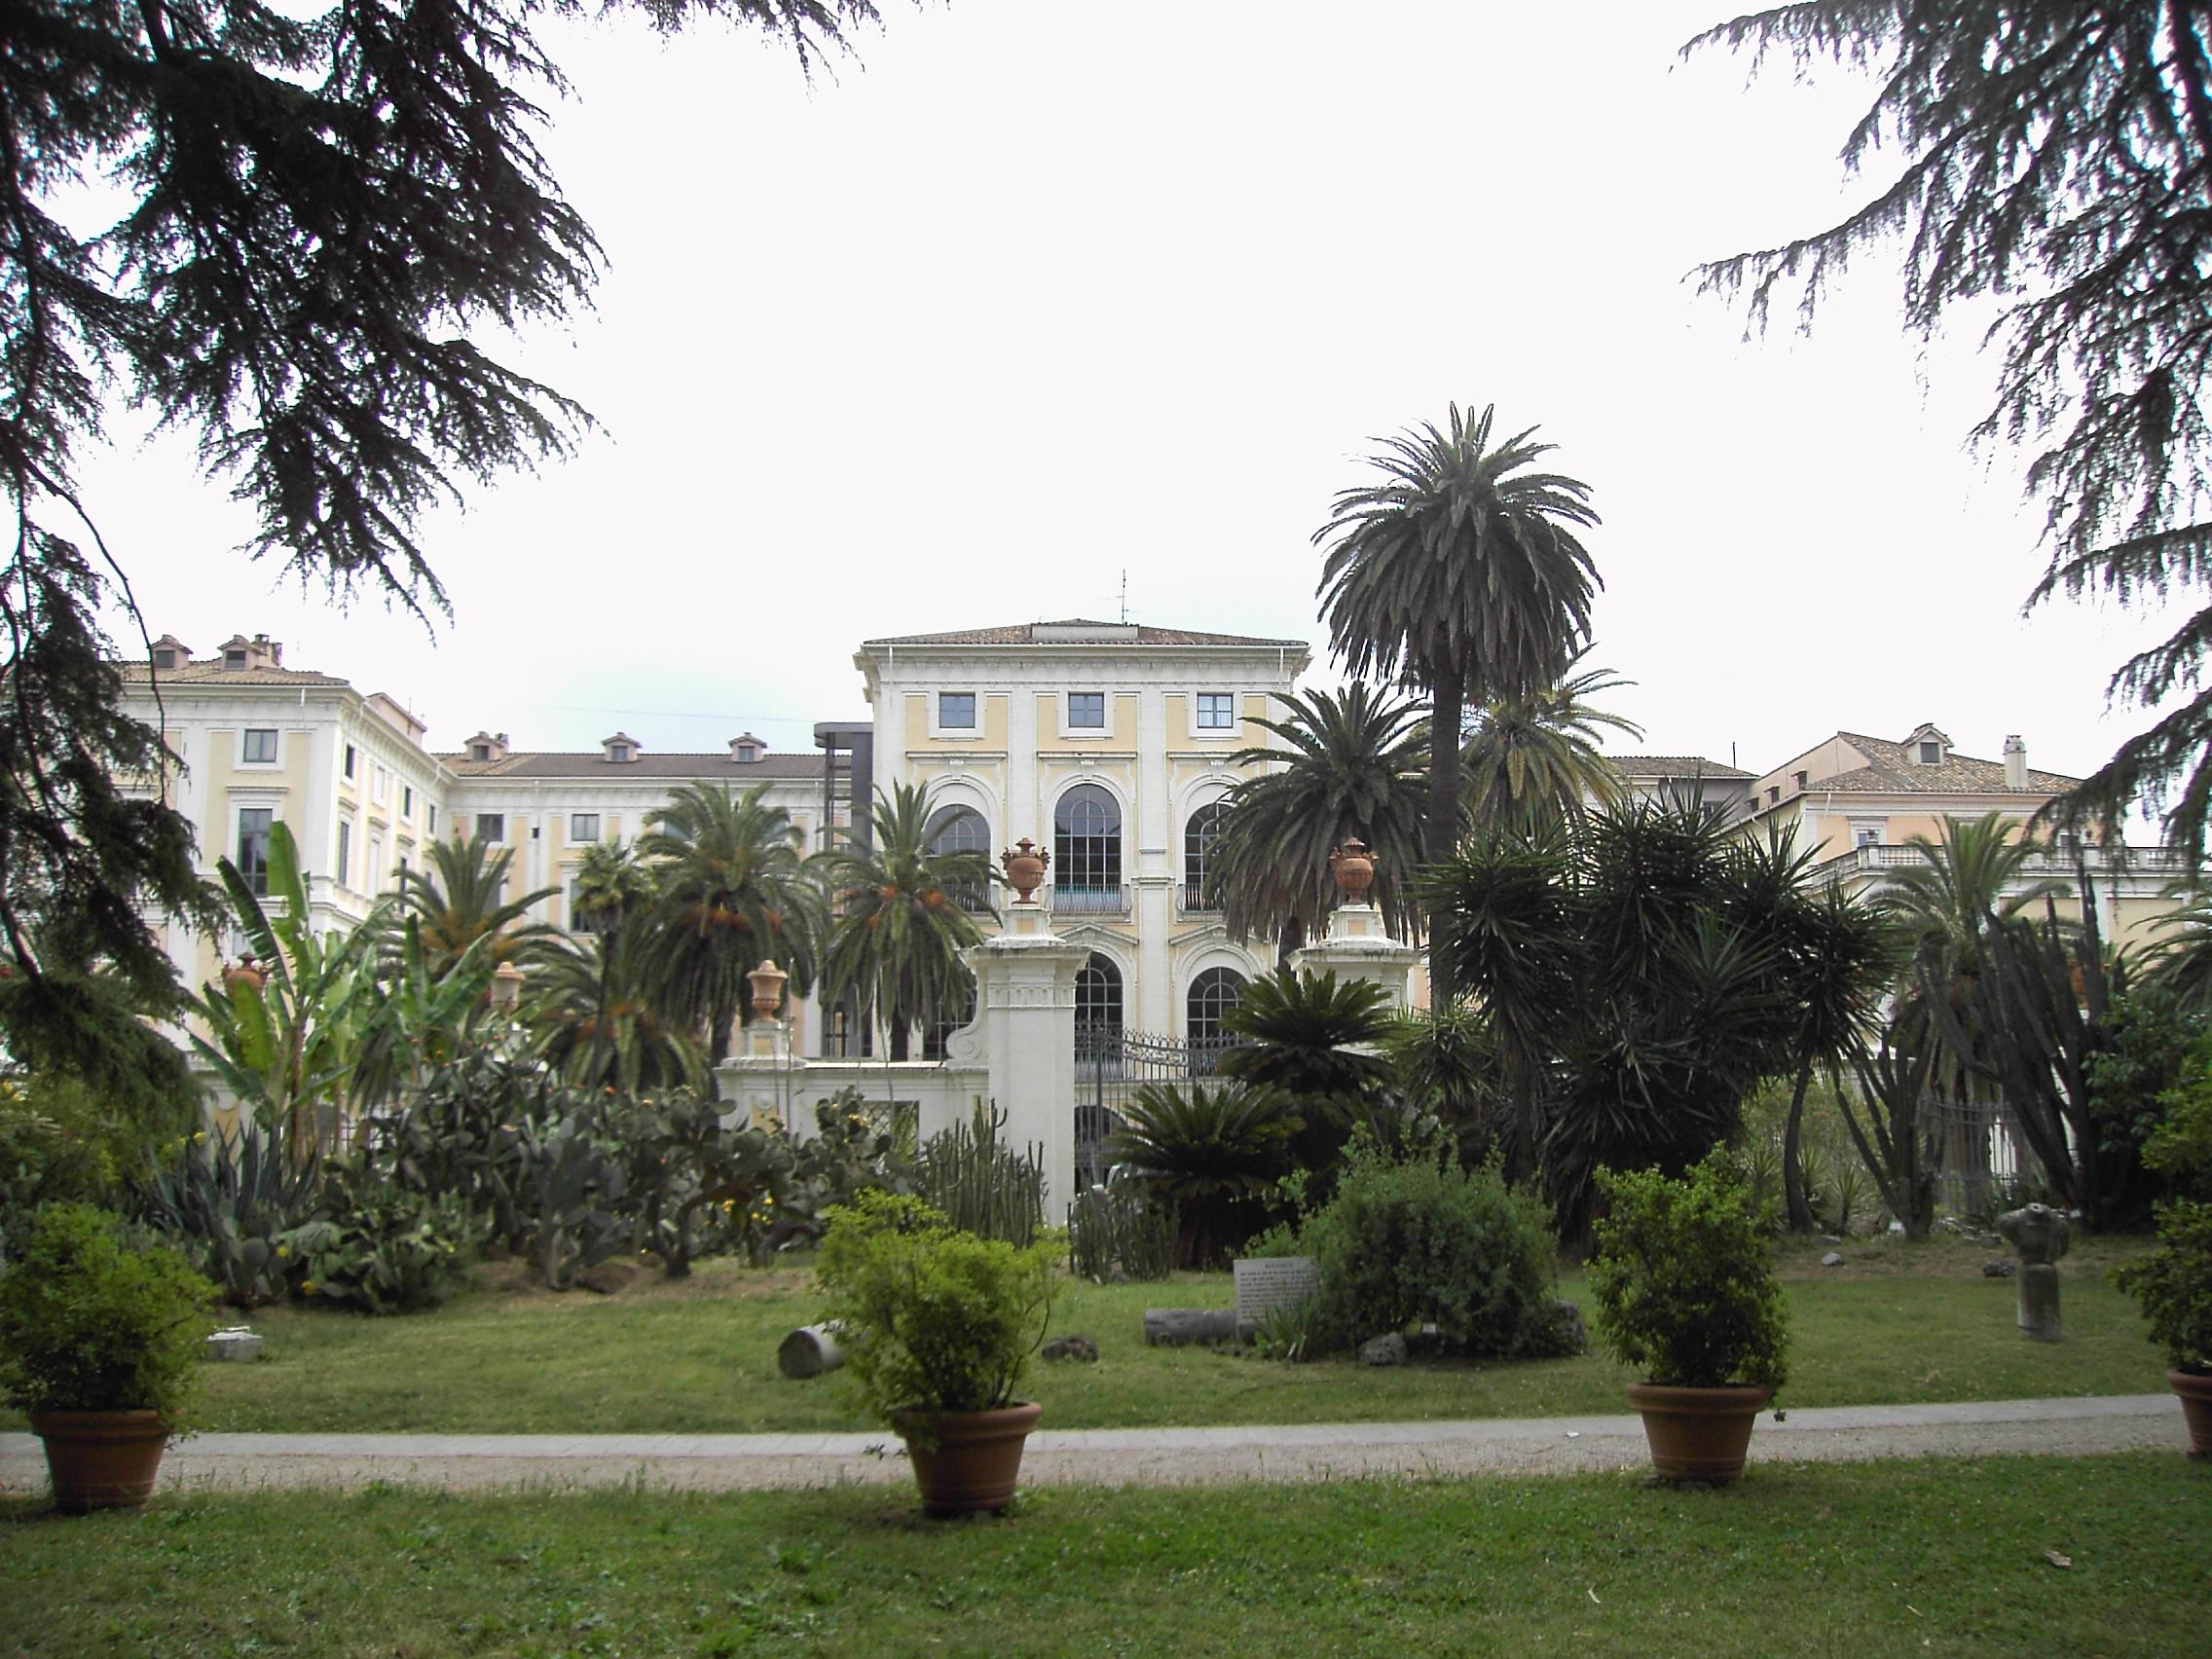 https://upload.wikimedia.org/wikipedia/commons/9/94/Orto_botanico_-_villa_Corsini_2768.JPG